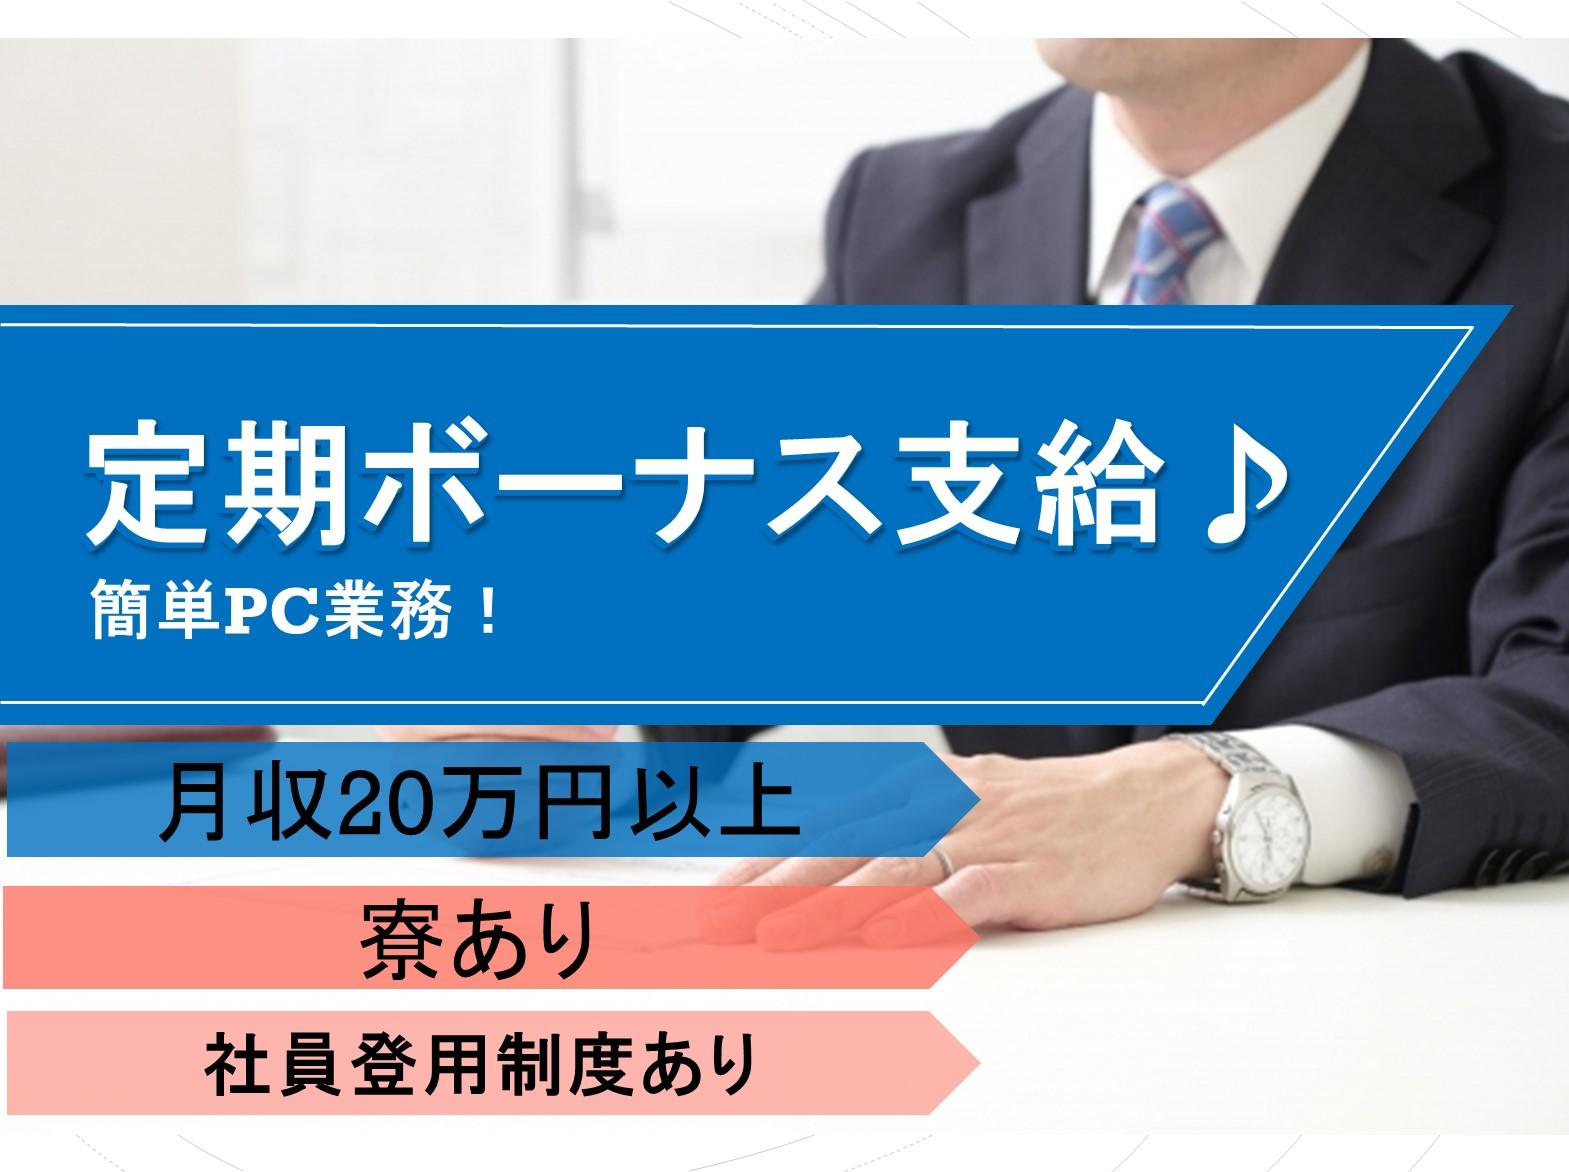 寮あり!20万円ボーナスあり!座り作業での簡単PC作業(兵庫県) イメージ